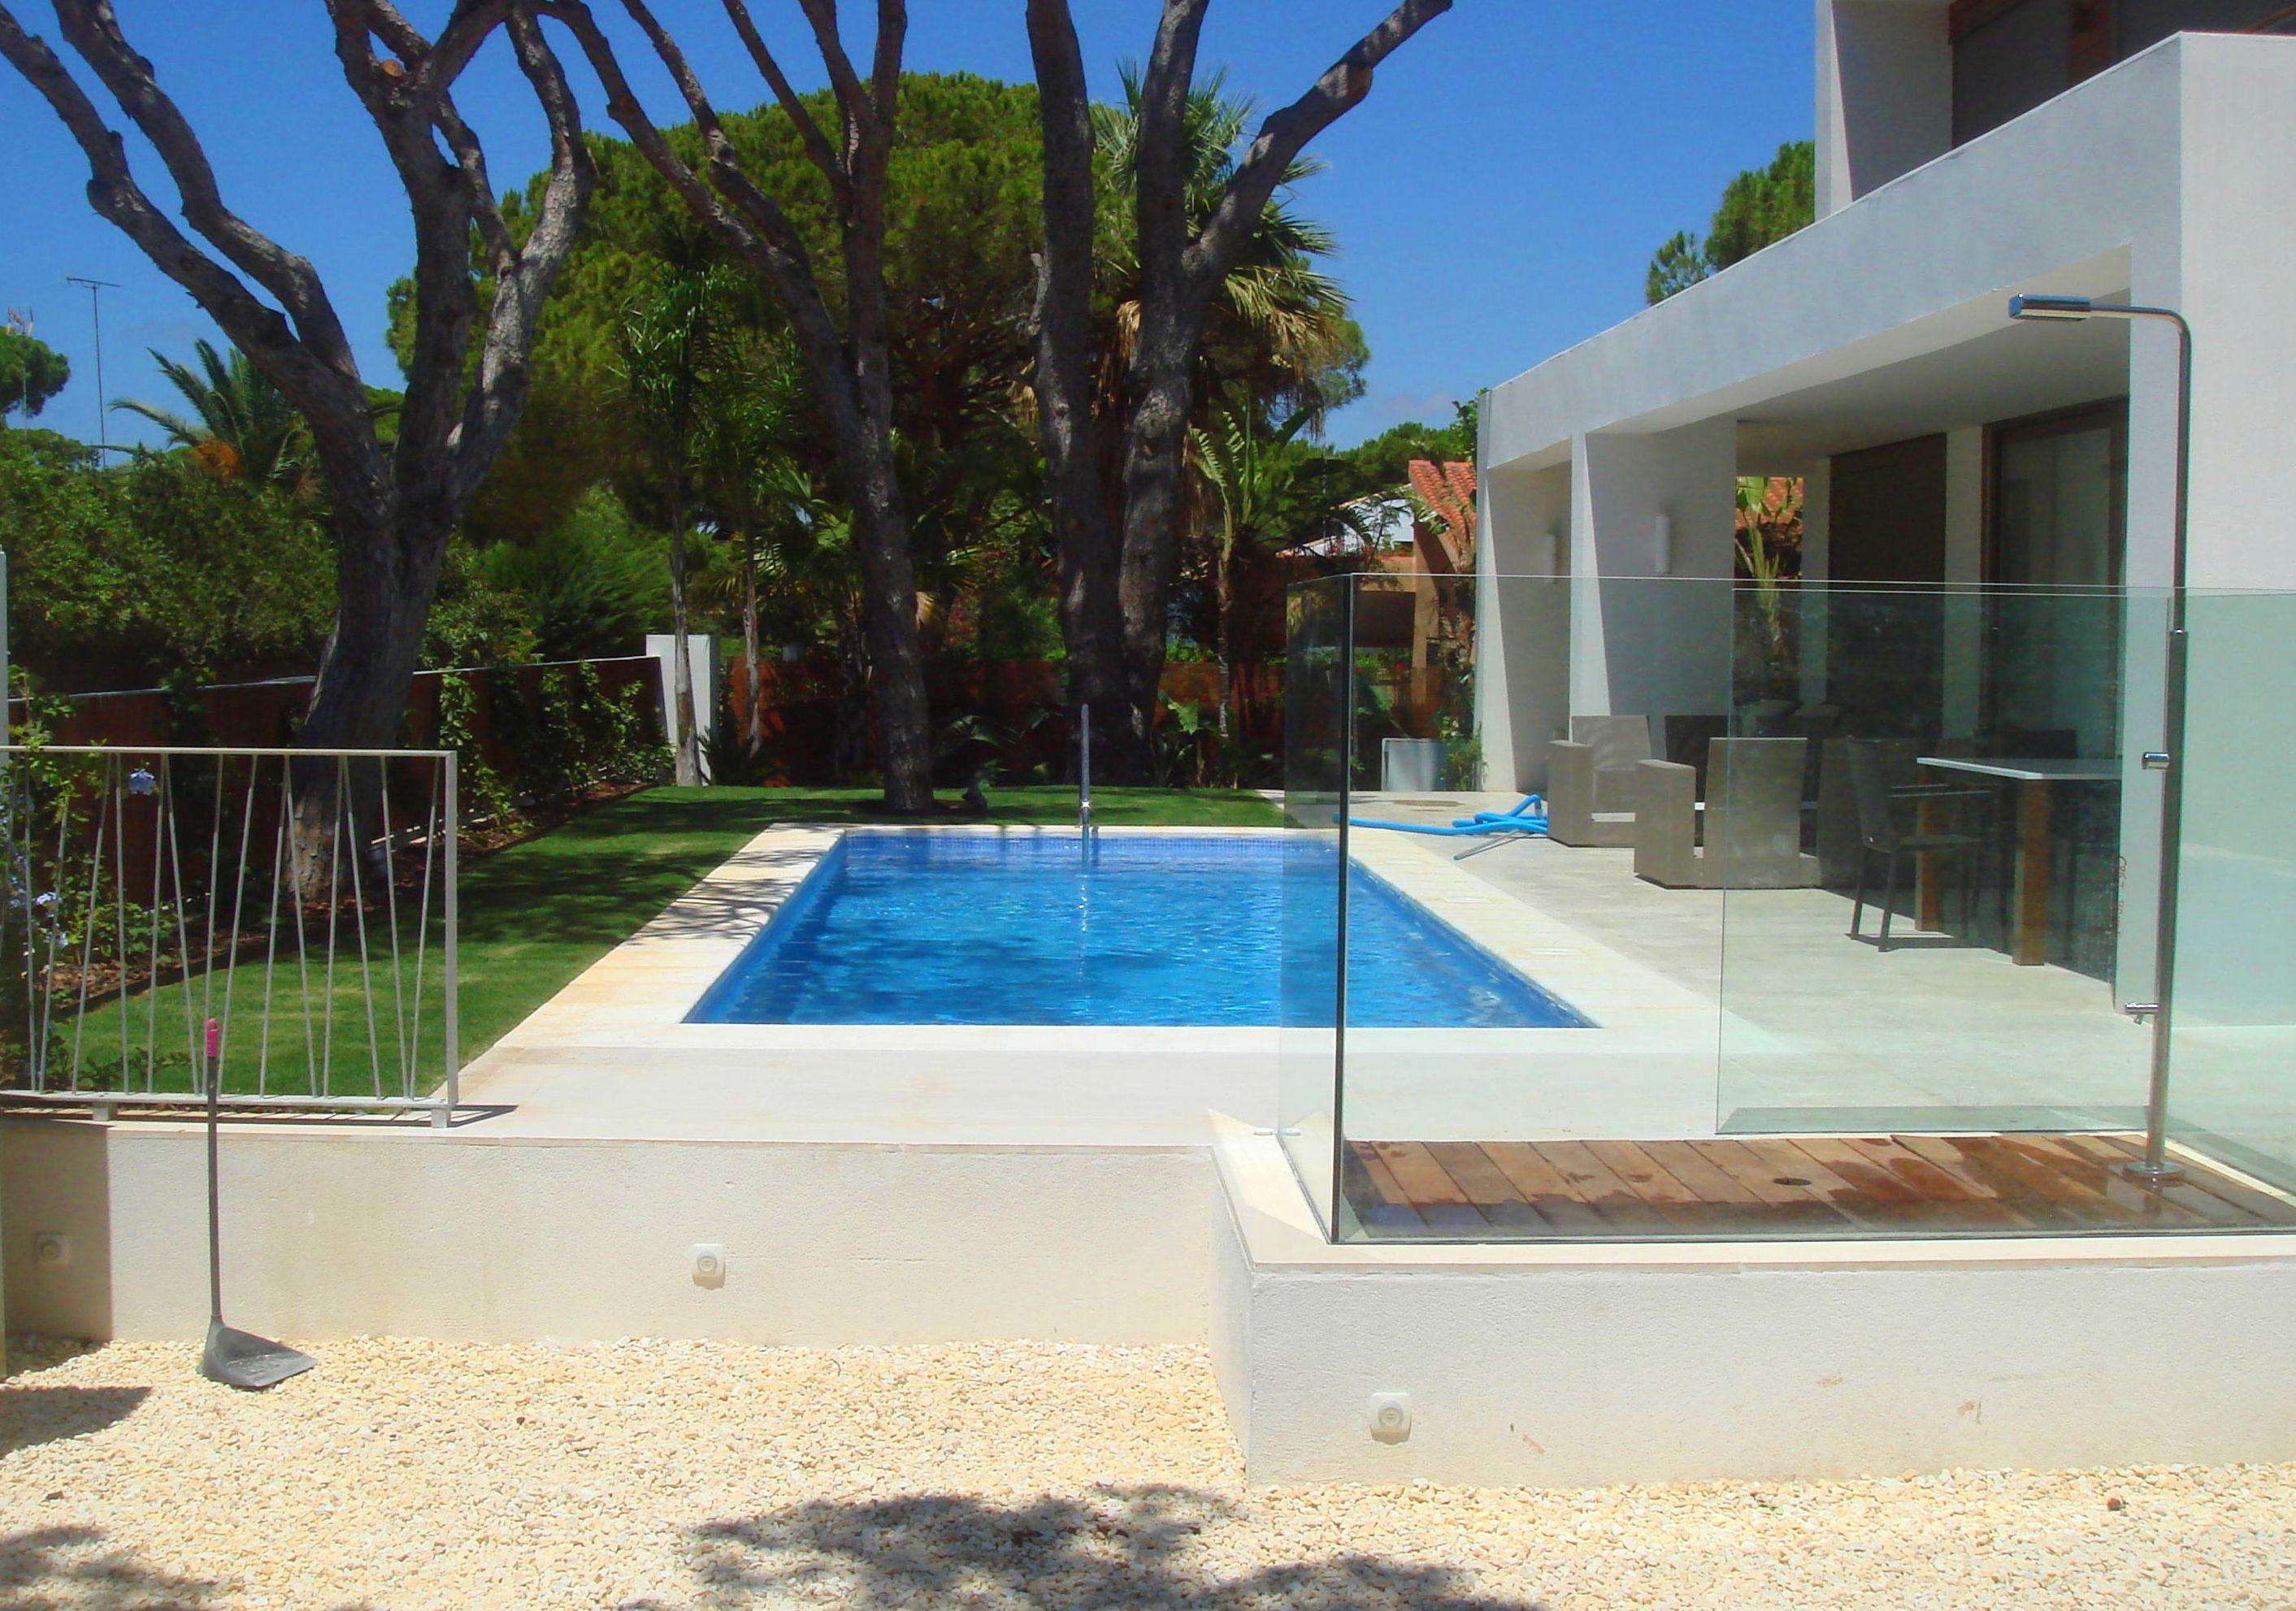 ¿Estás pensando en una piscina para tu jardín?: Nuestros servicios de Proyectos y Obras Diarsa